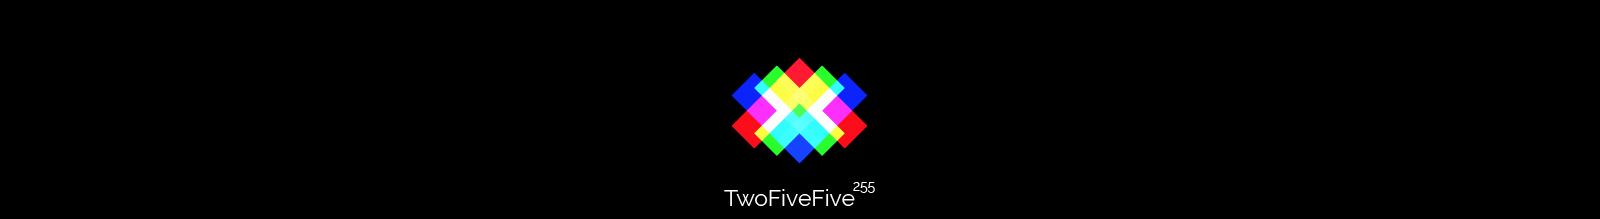 TwoFiveFive